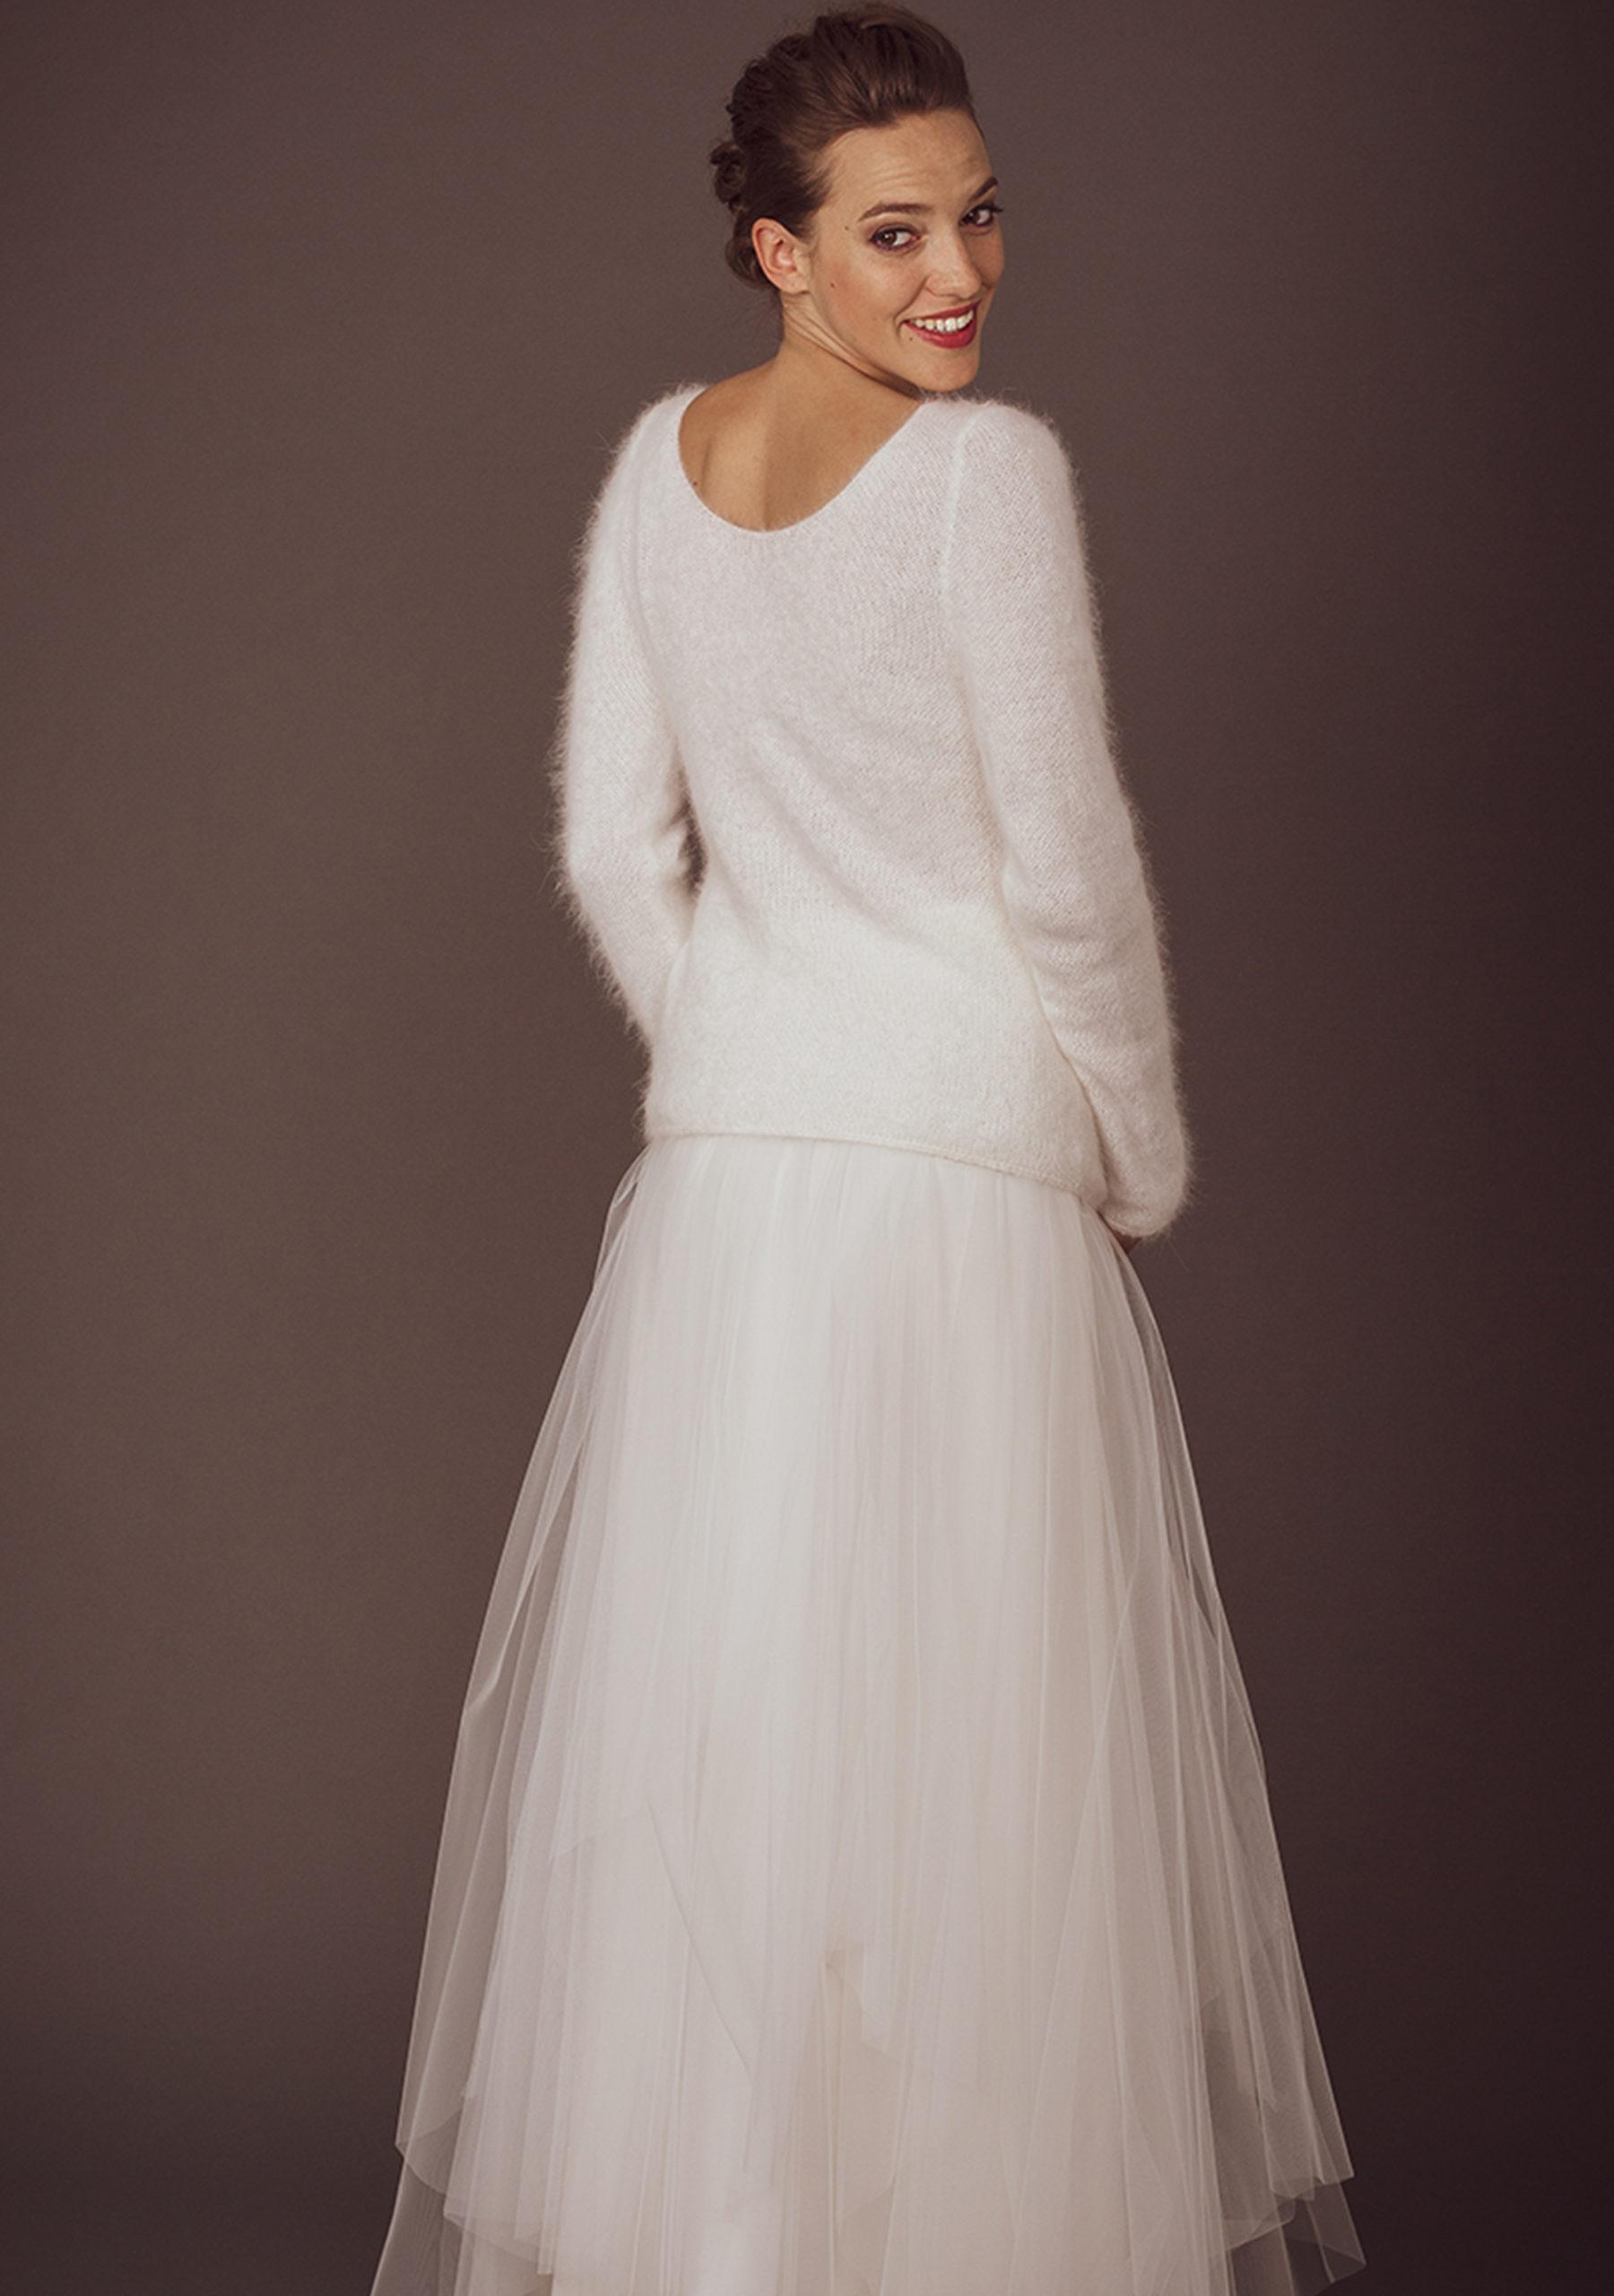 Strick-Pulli aus Wolle für die Braut